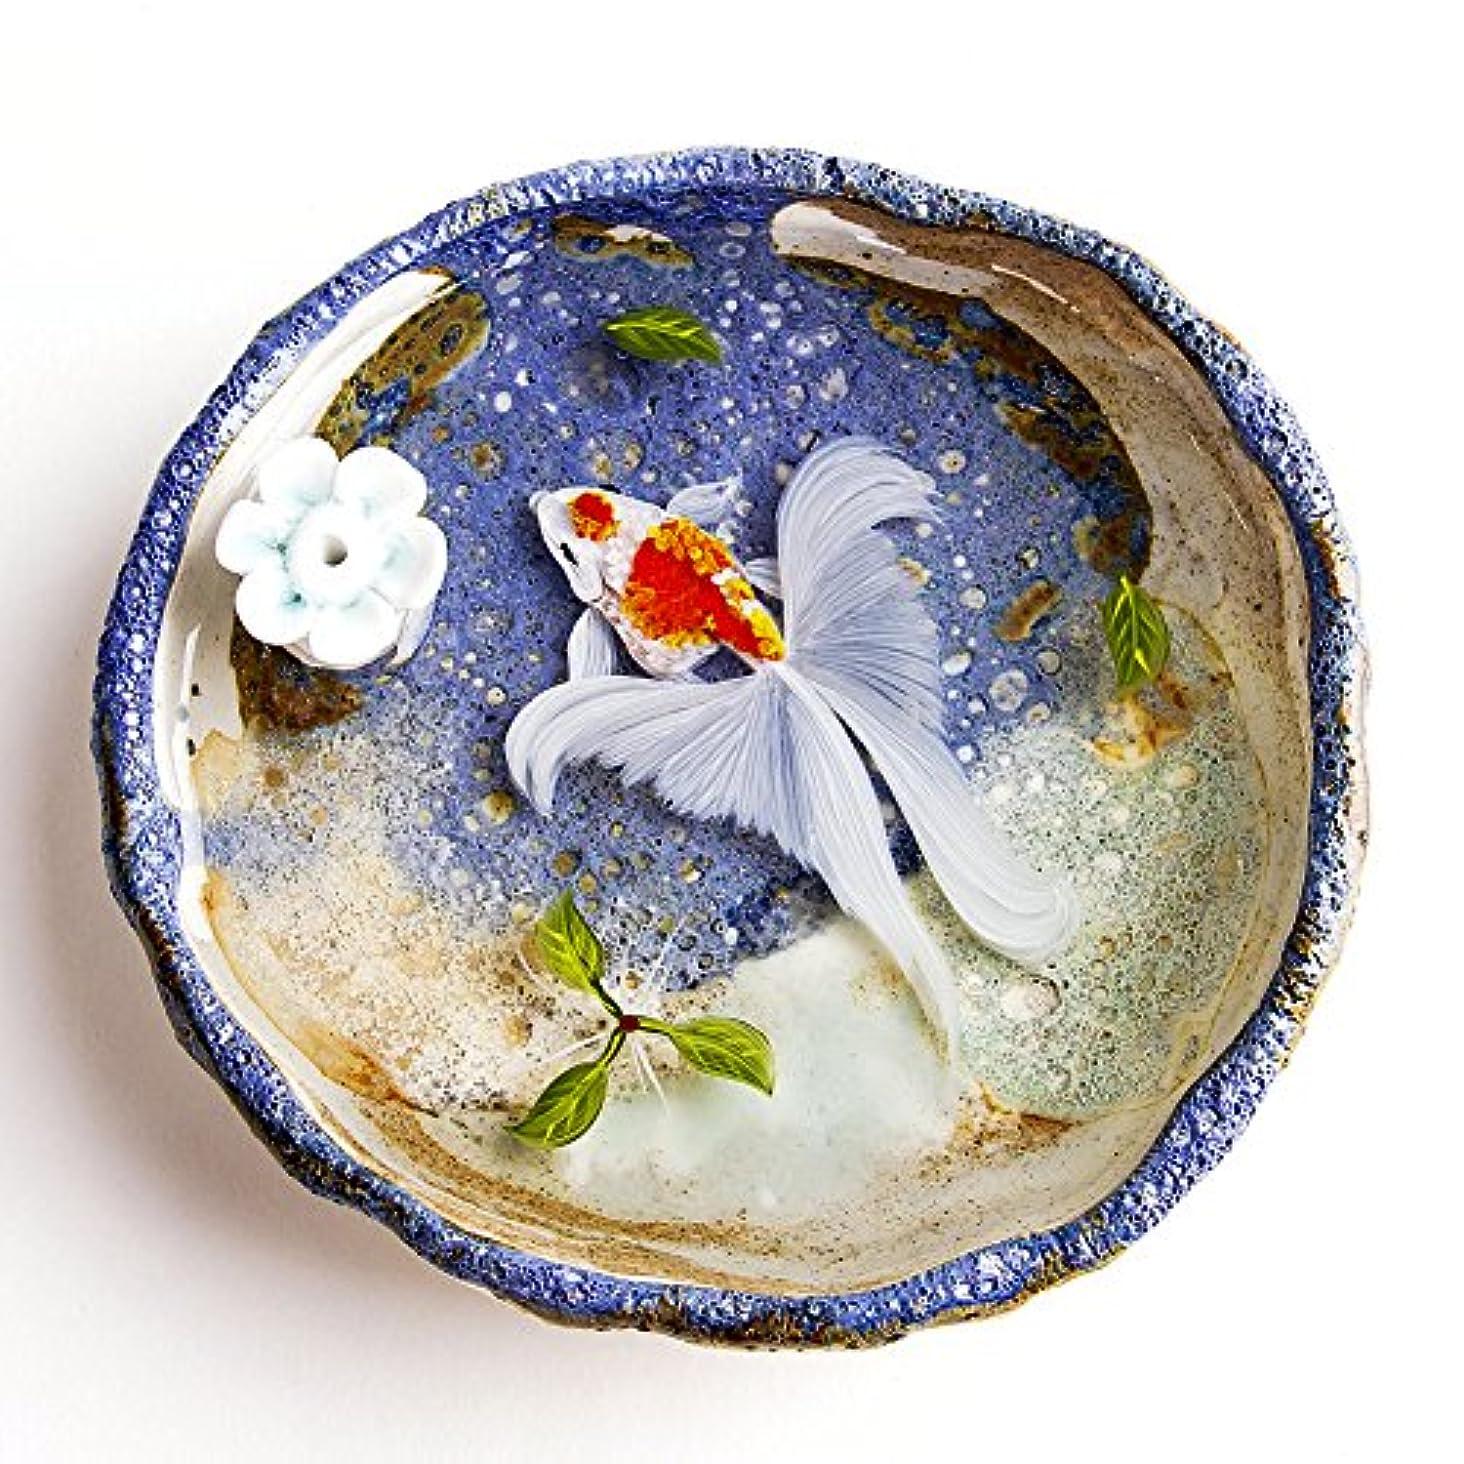 菊フローティングかもしれないお香立て お香たて 香の器 お香を焚いて 香皿,陶磁器